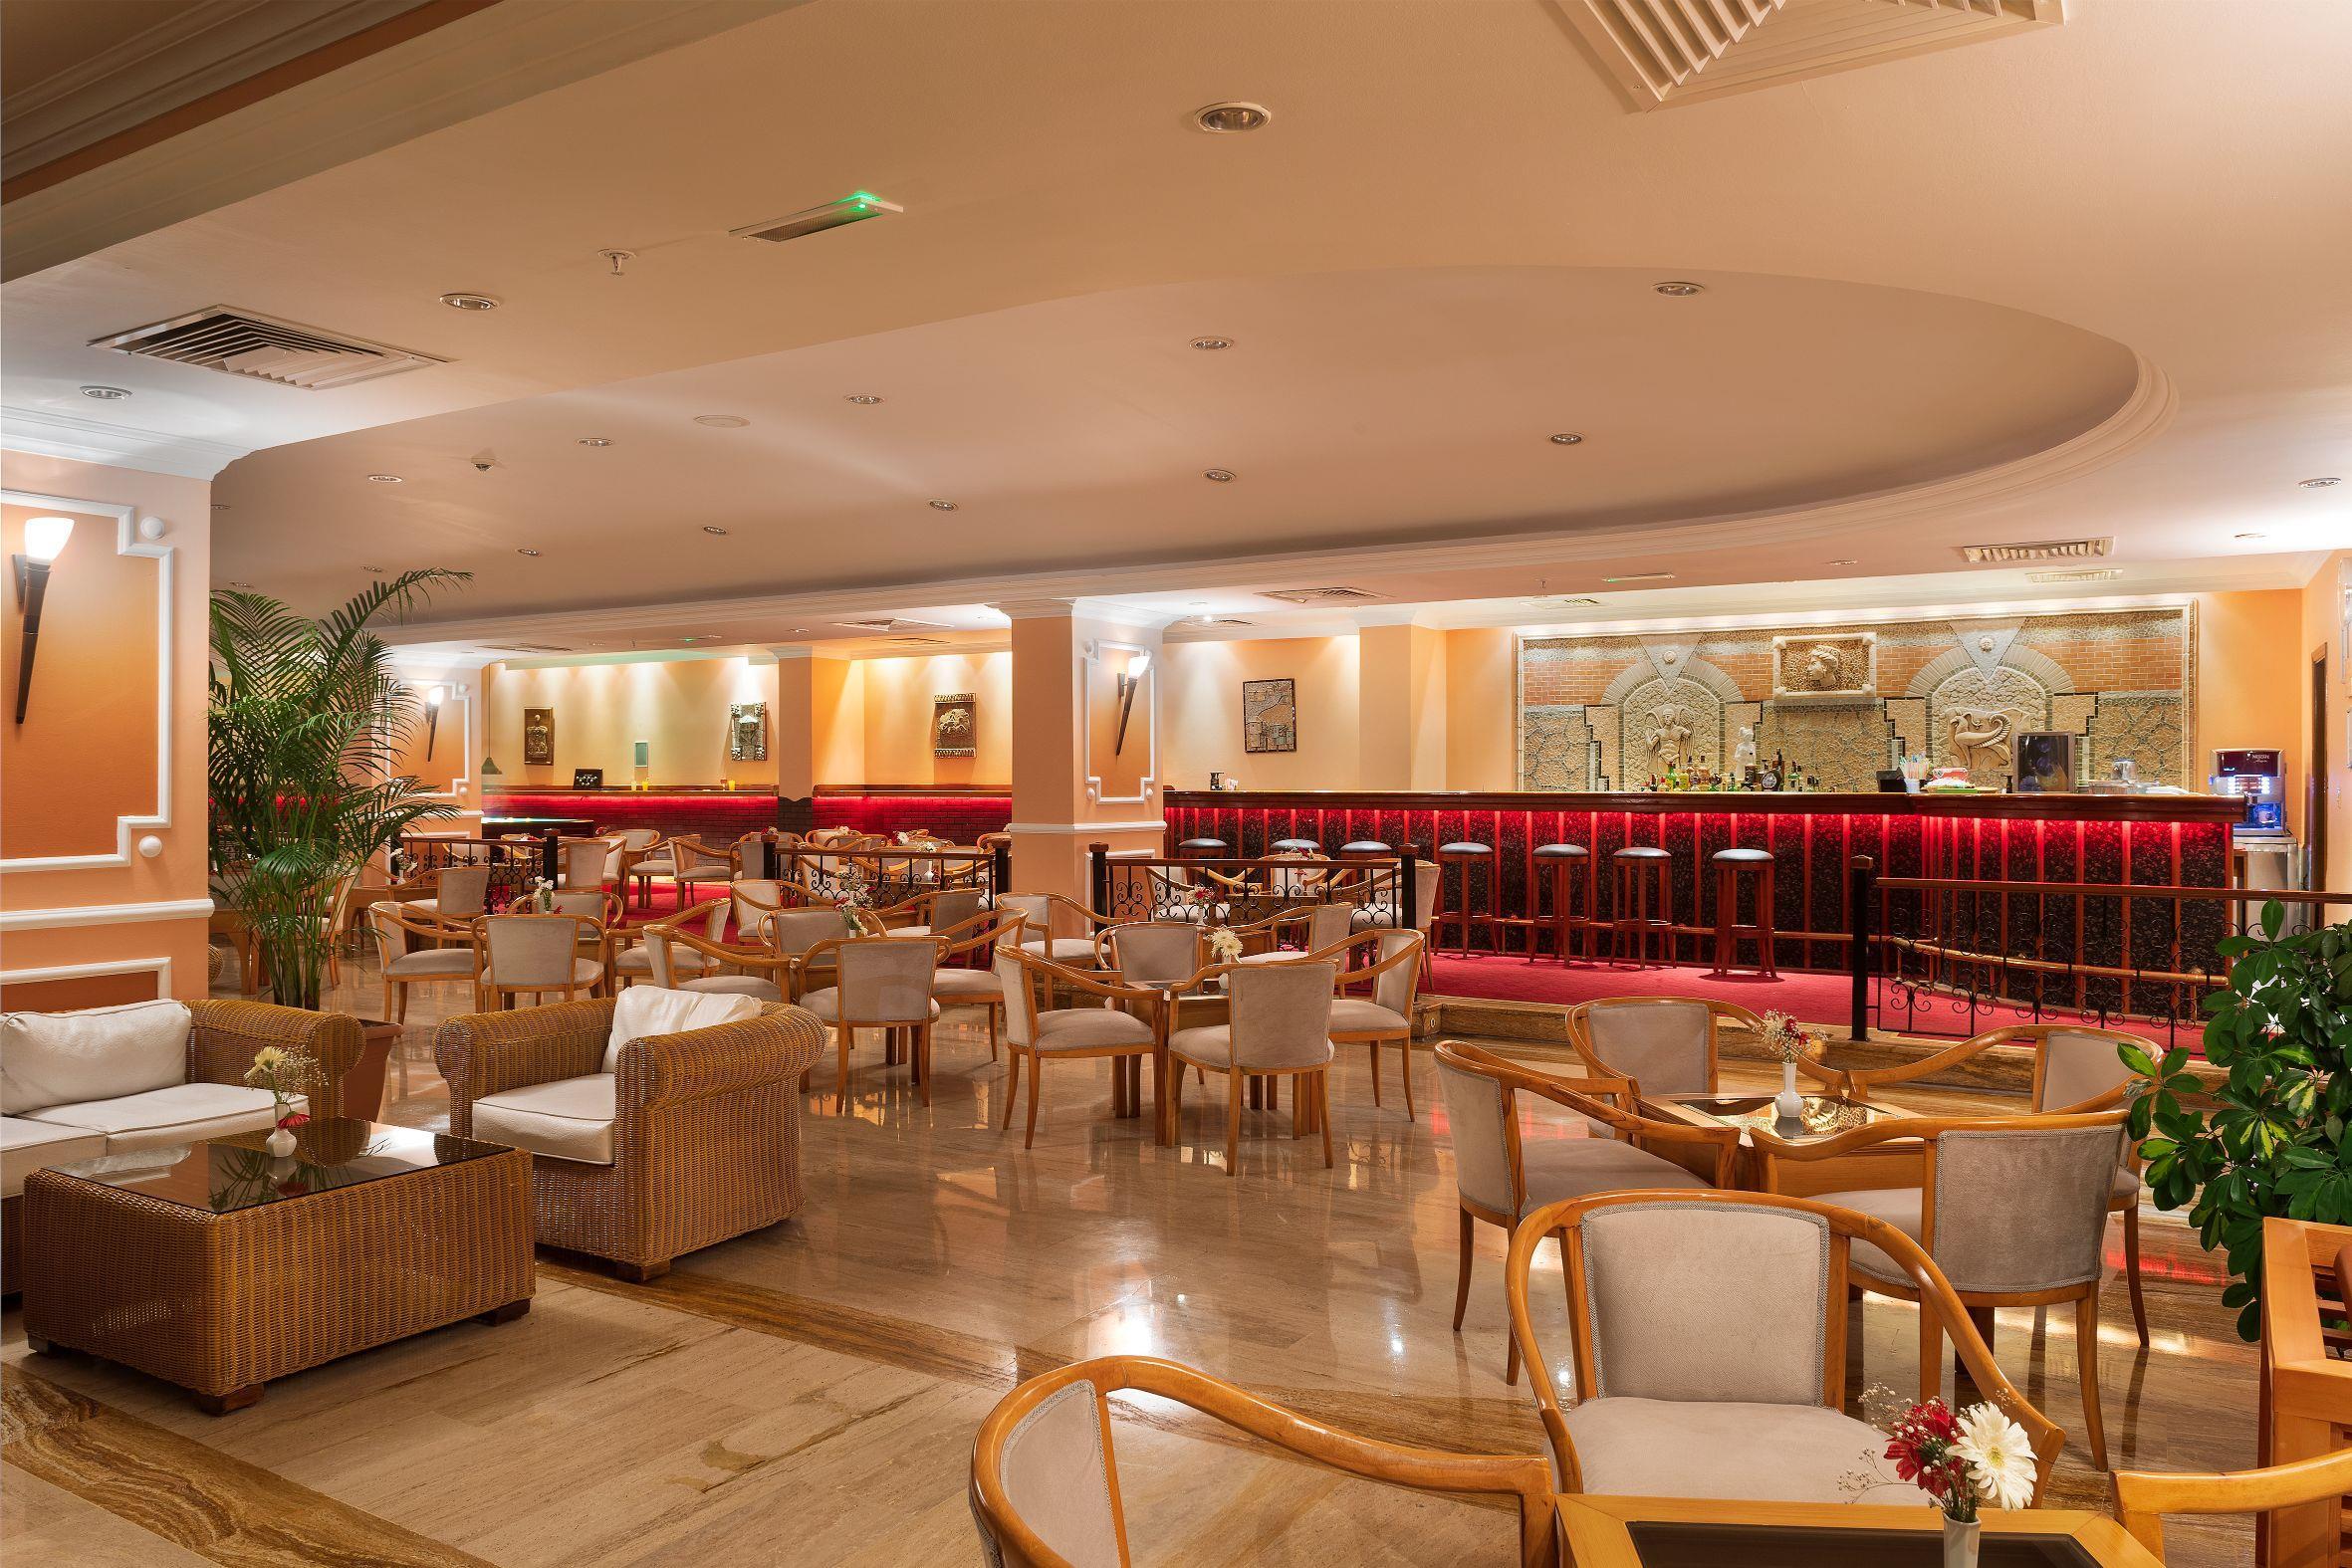 http://www.orextravel.sk/OREX/hotelphotos/miramare-queen-hotel-general-0056.jpg